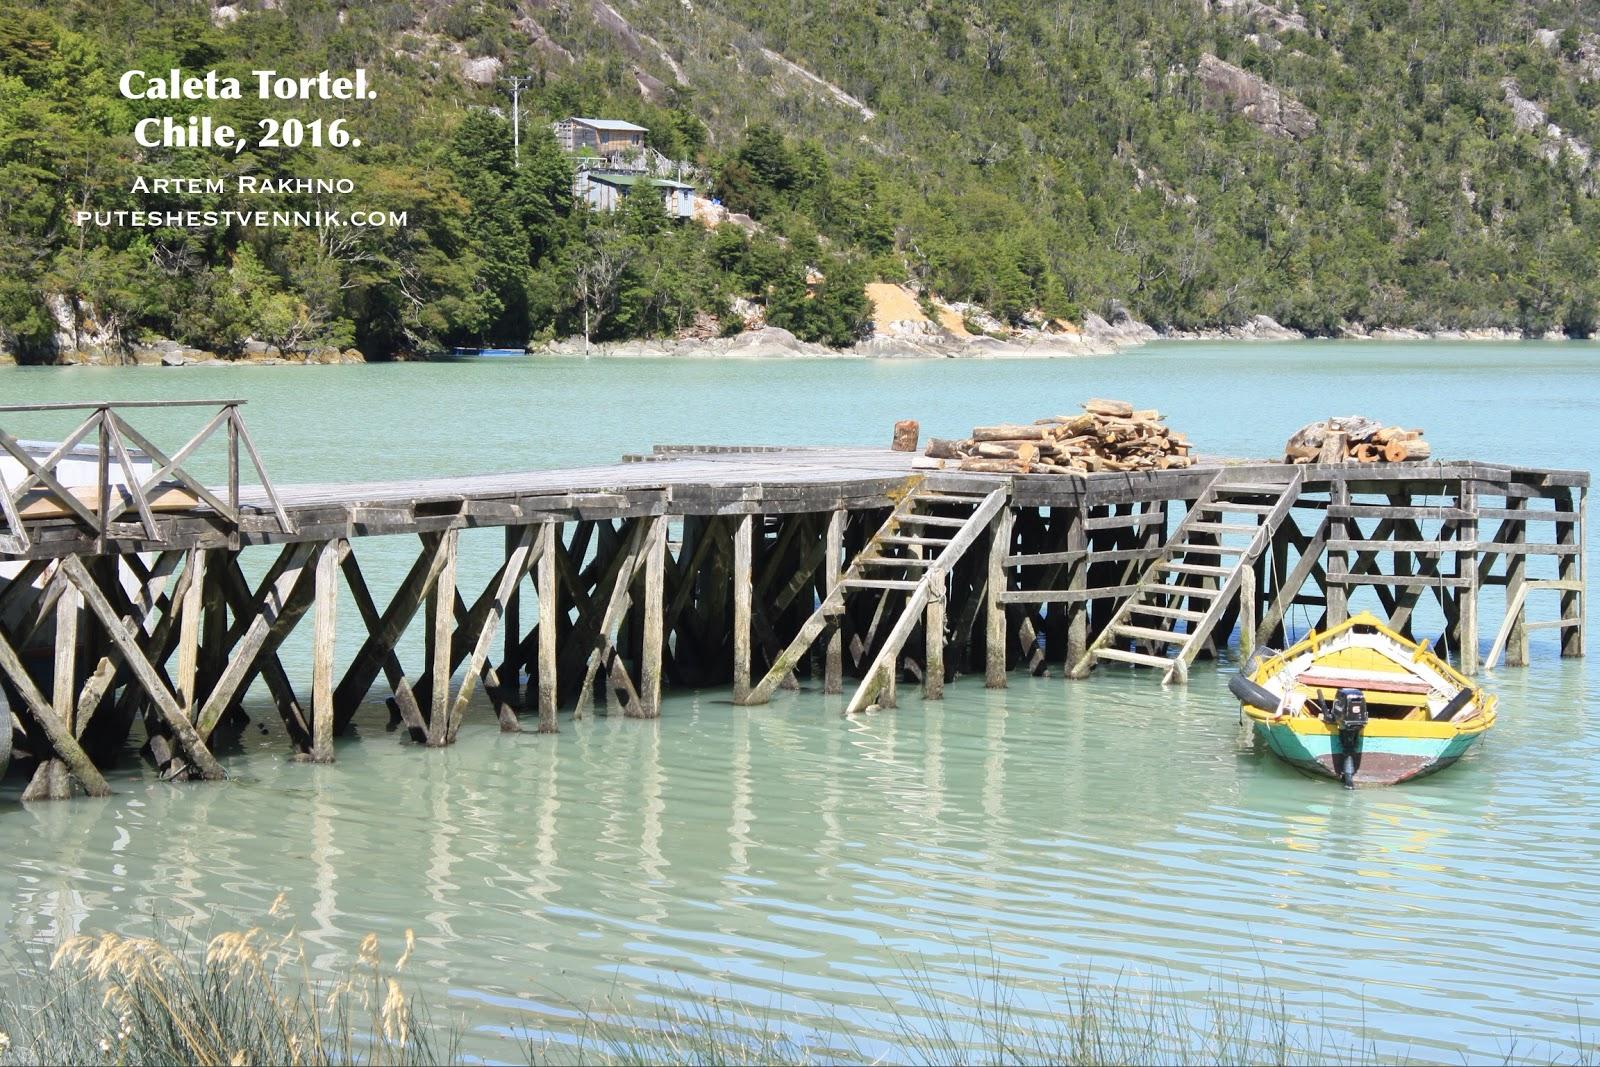 Лодка у пристани в Калета Тортел